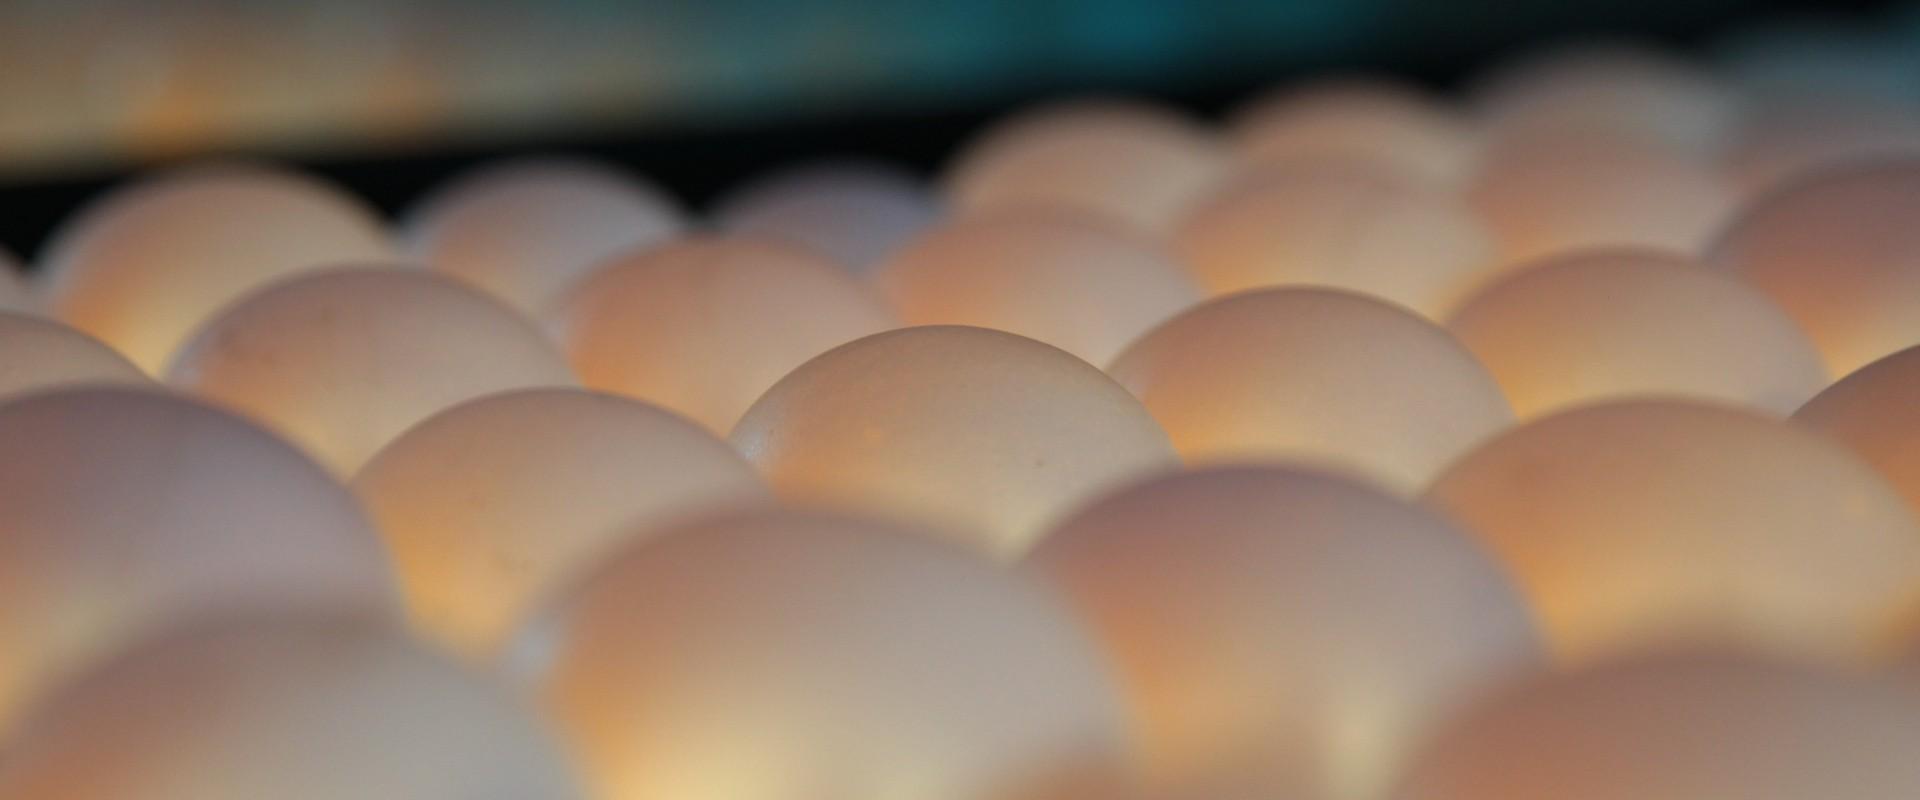 Foto: Eier werden in der Sortierung durchleuchtet